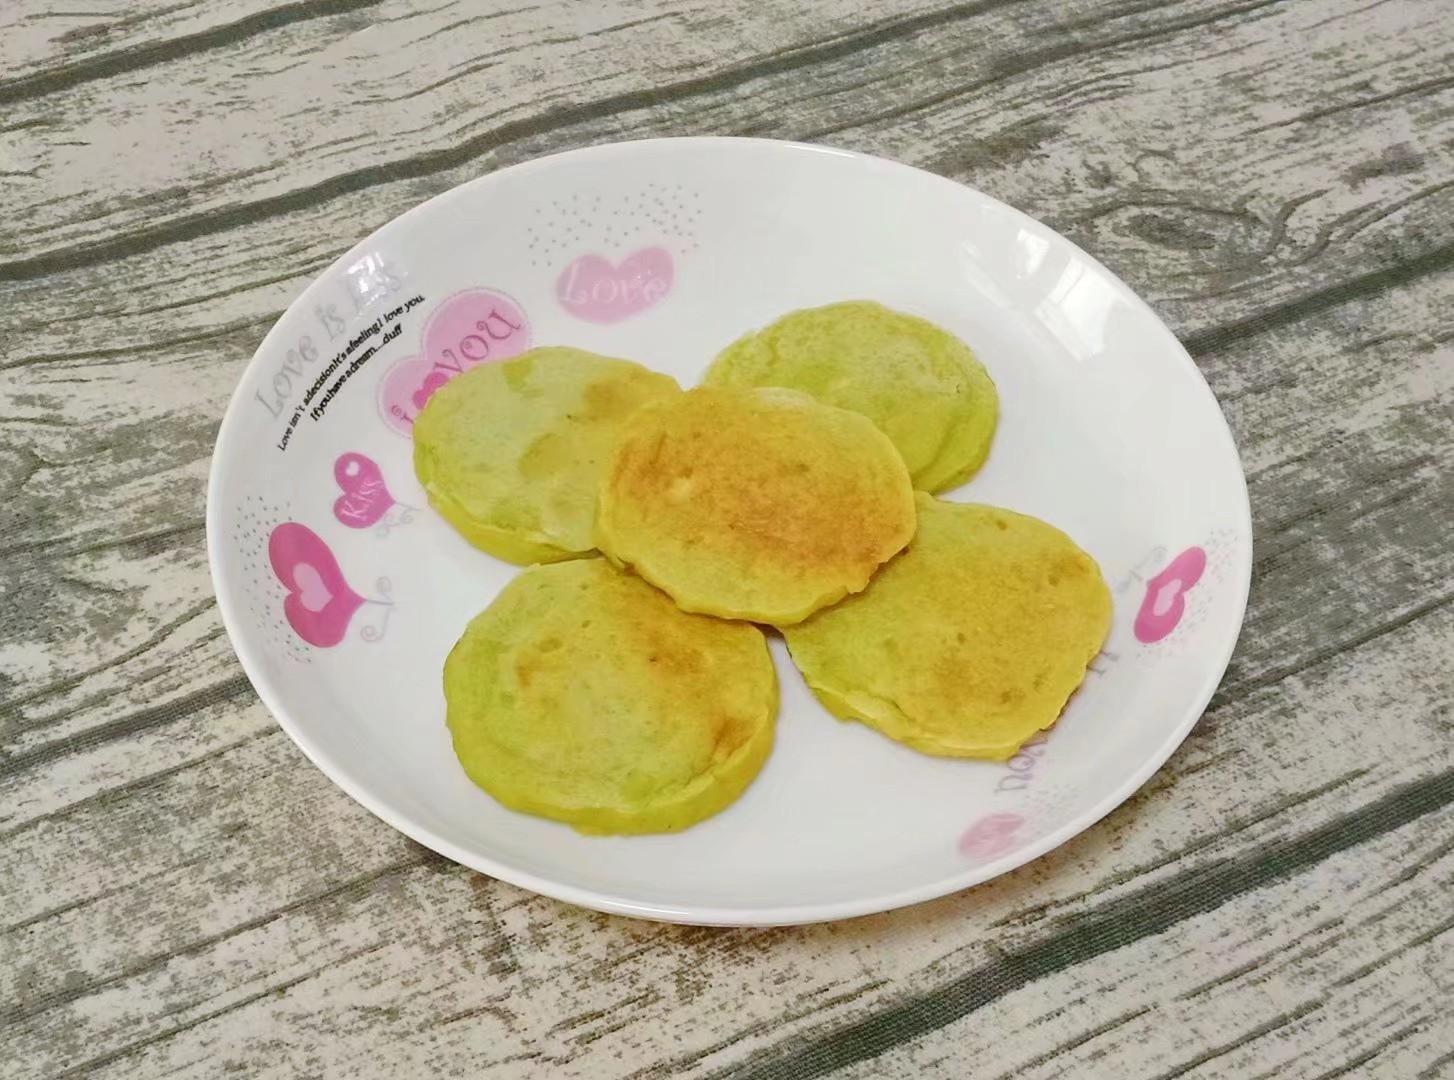 酸甜小米餅 (寶寶輔食)成品圖